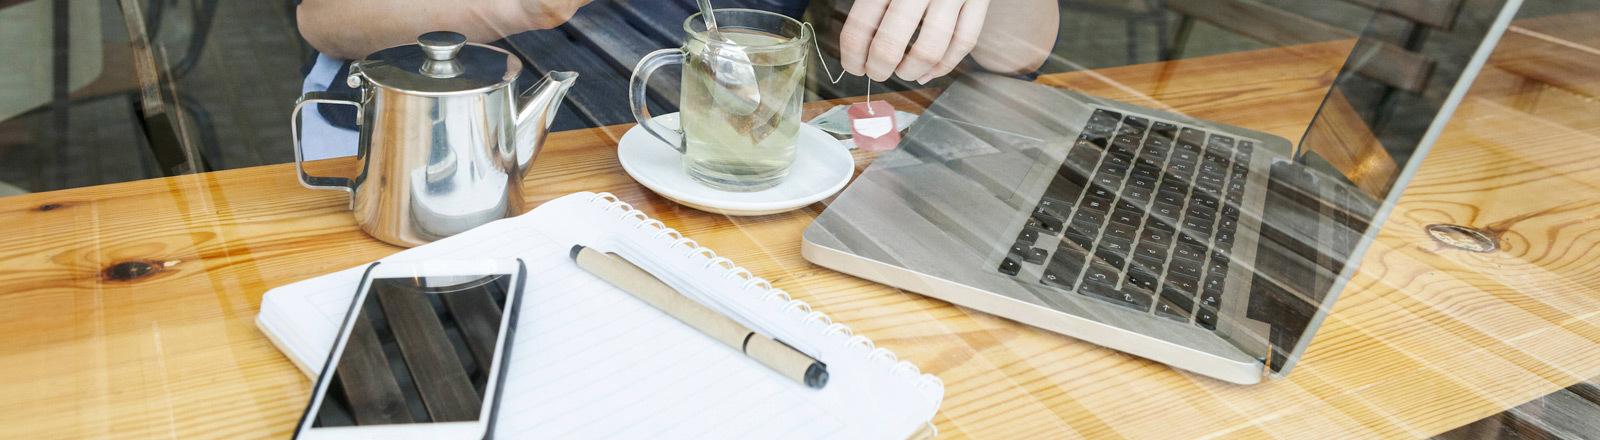 Eine Frau sitzt mit Smartphone und Laptop im Café.